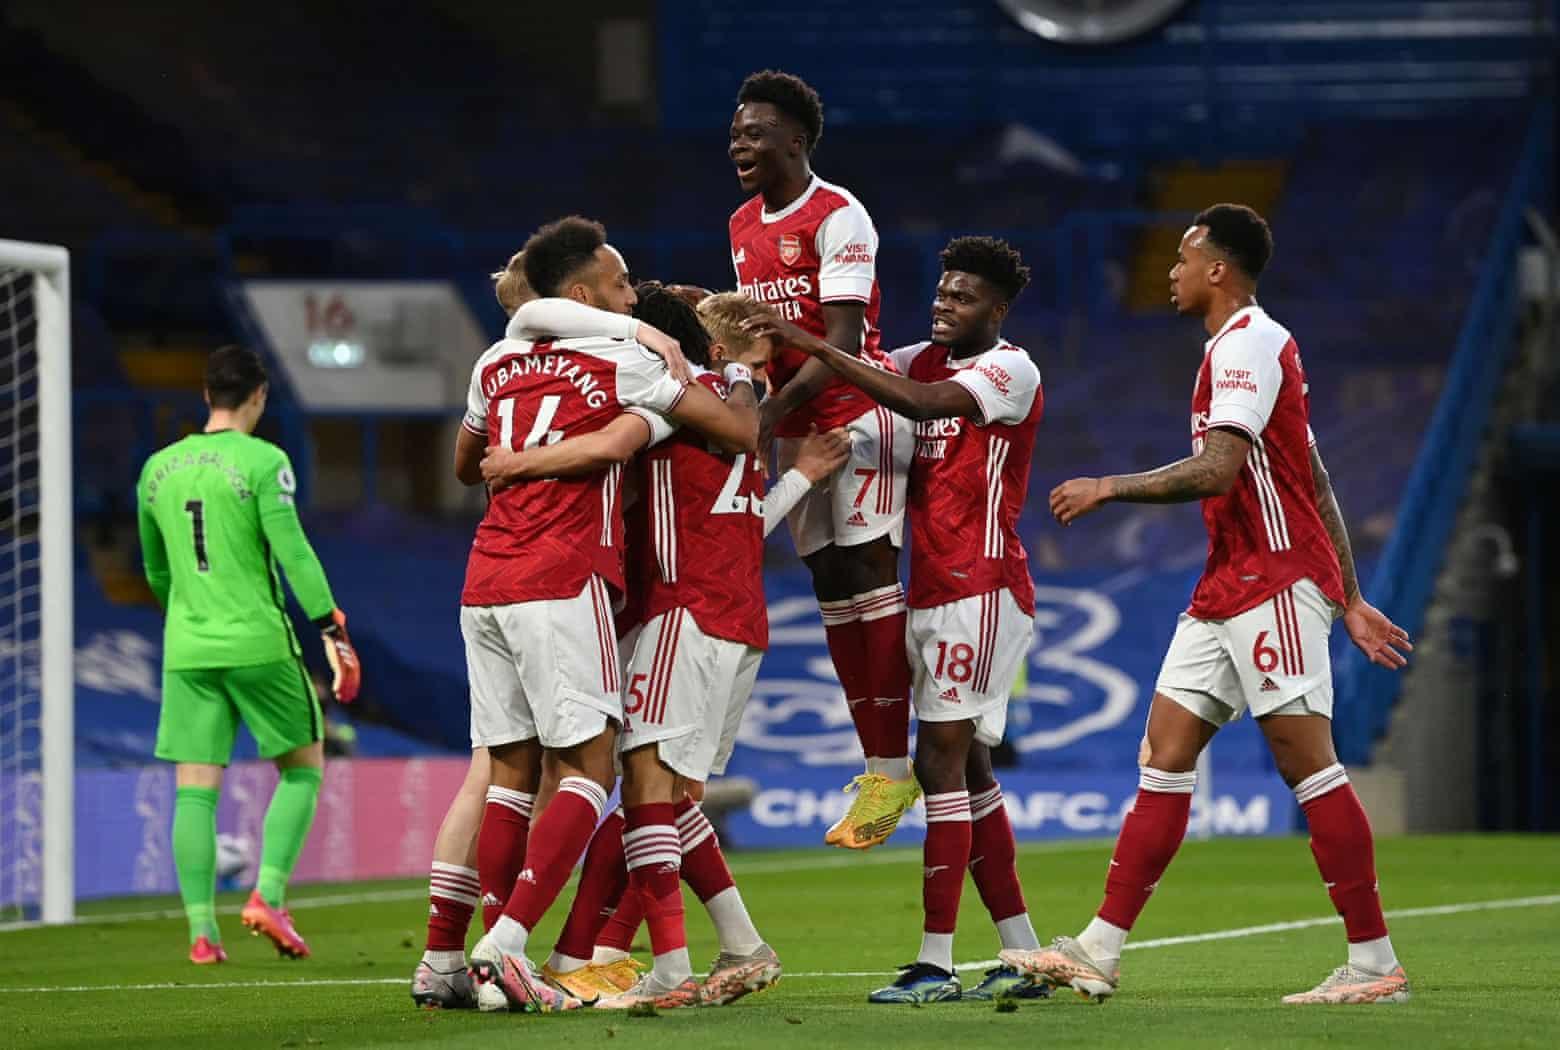 Pemain Arsenal mengucapkan selamat kepada Smith Rowe setelah gol penentu di awal pertandingan.  Foto: Reuters